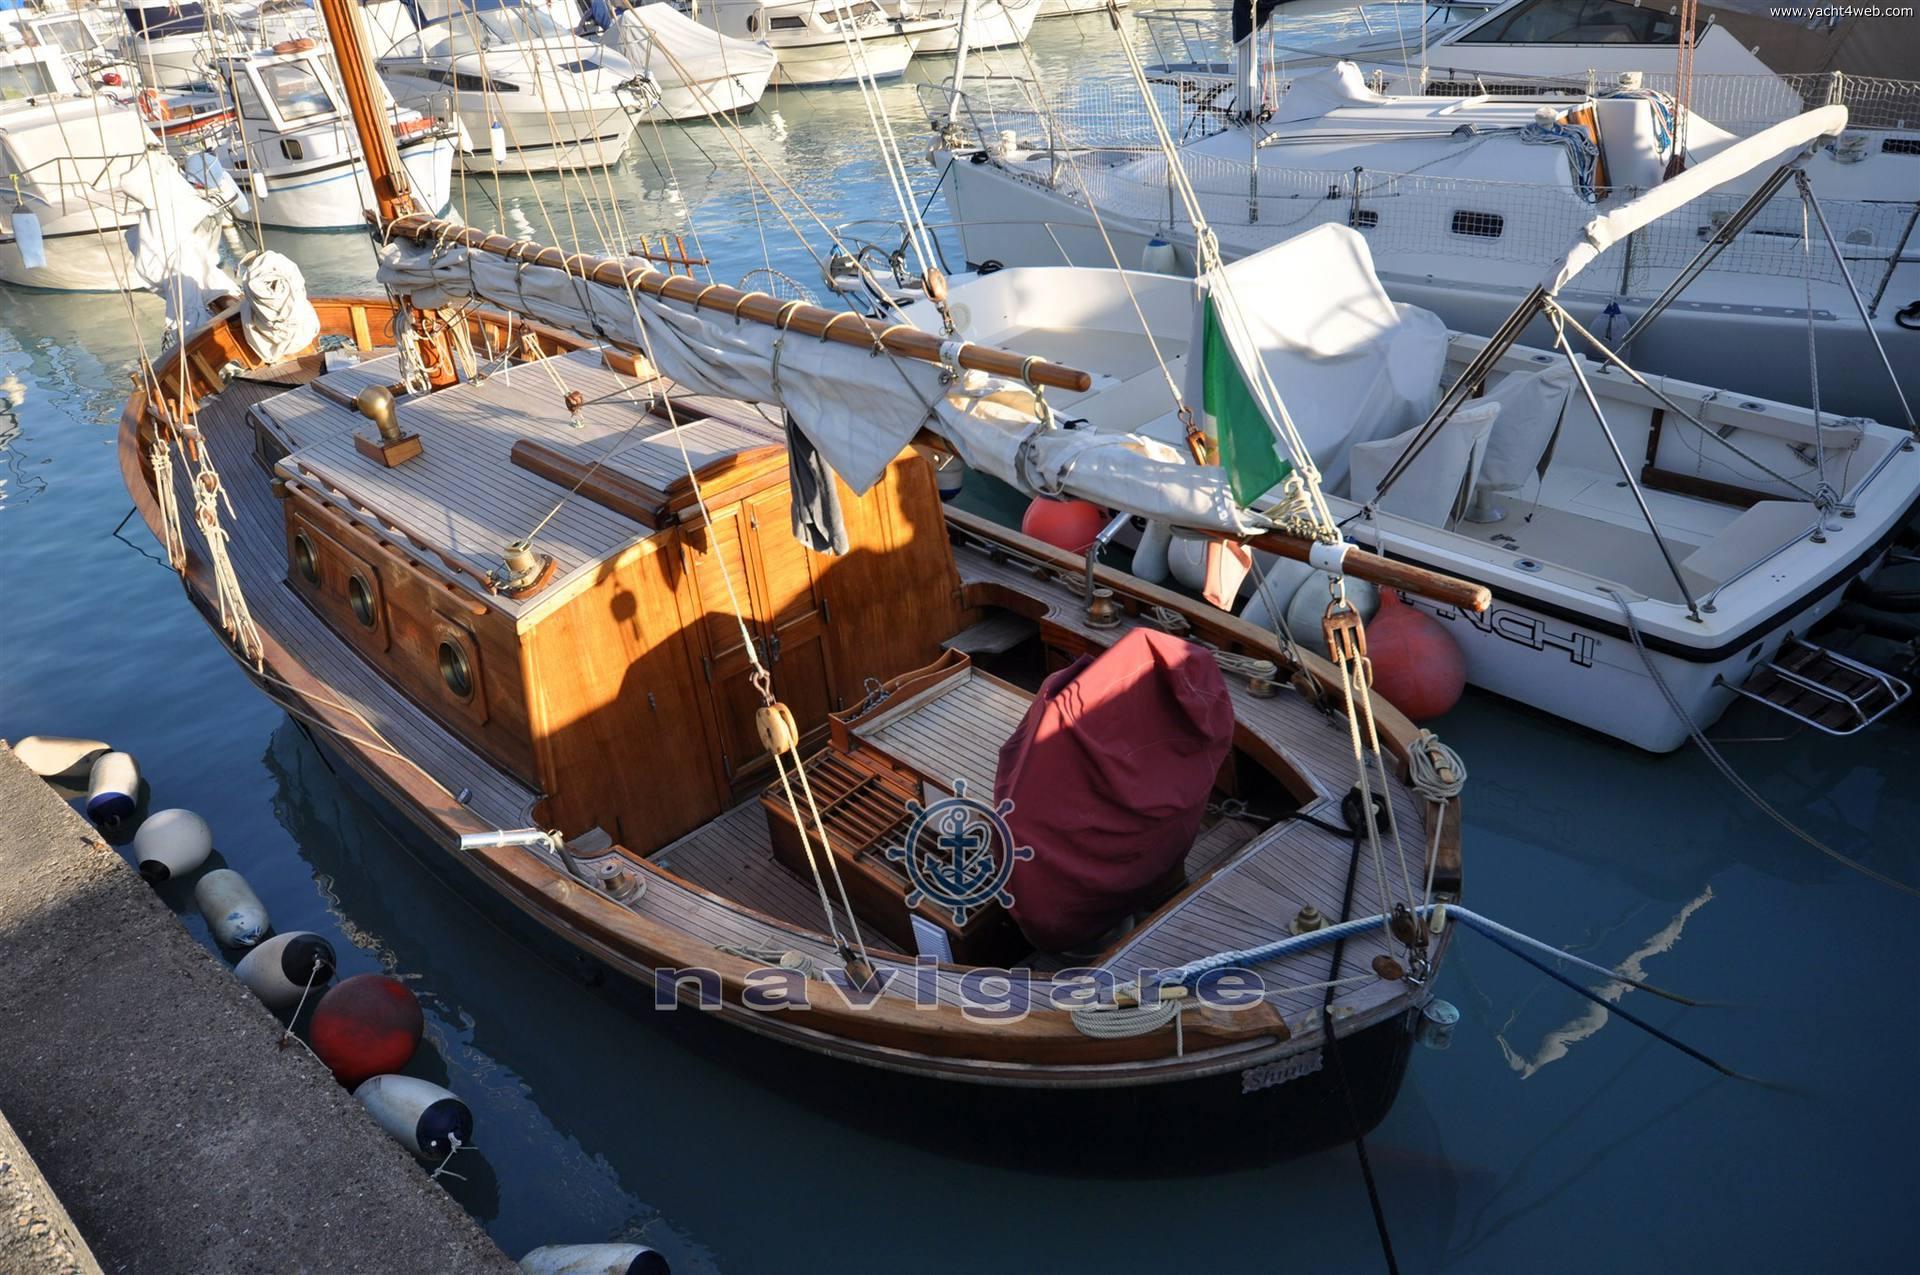 Bianchi e Cecchi Cutter Barca a vela usata in vendita